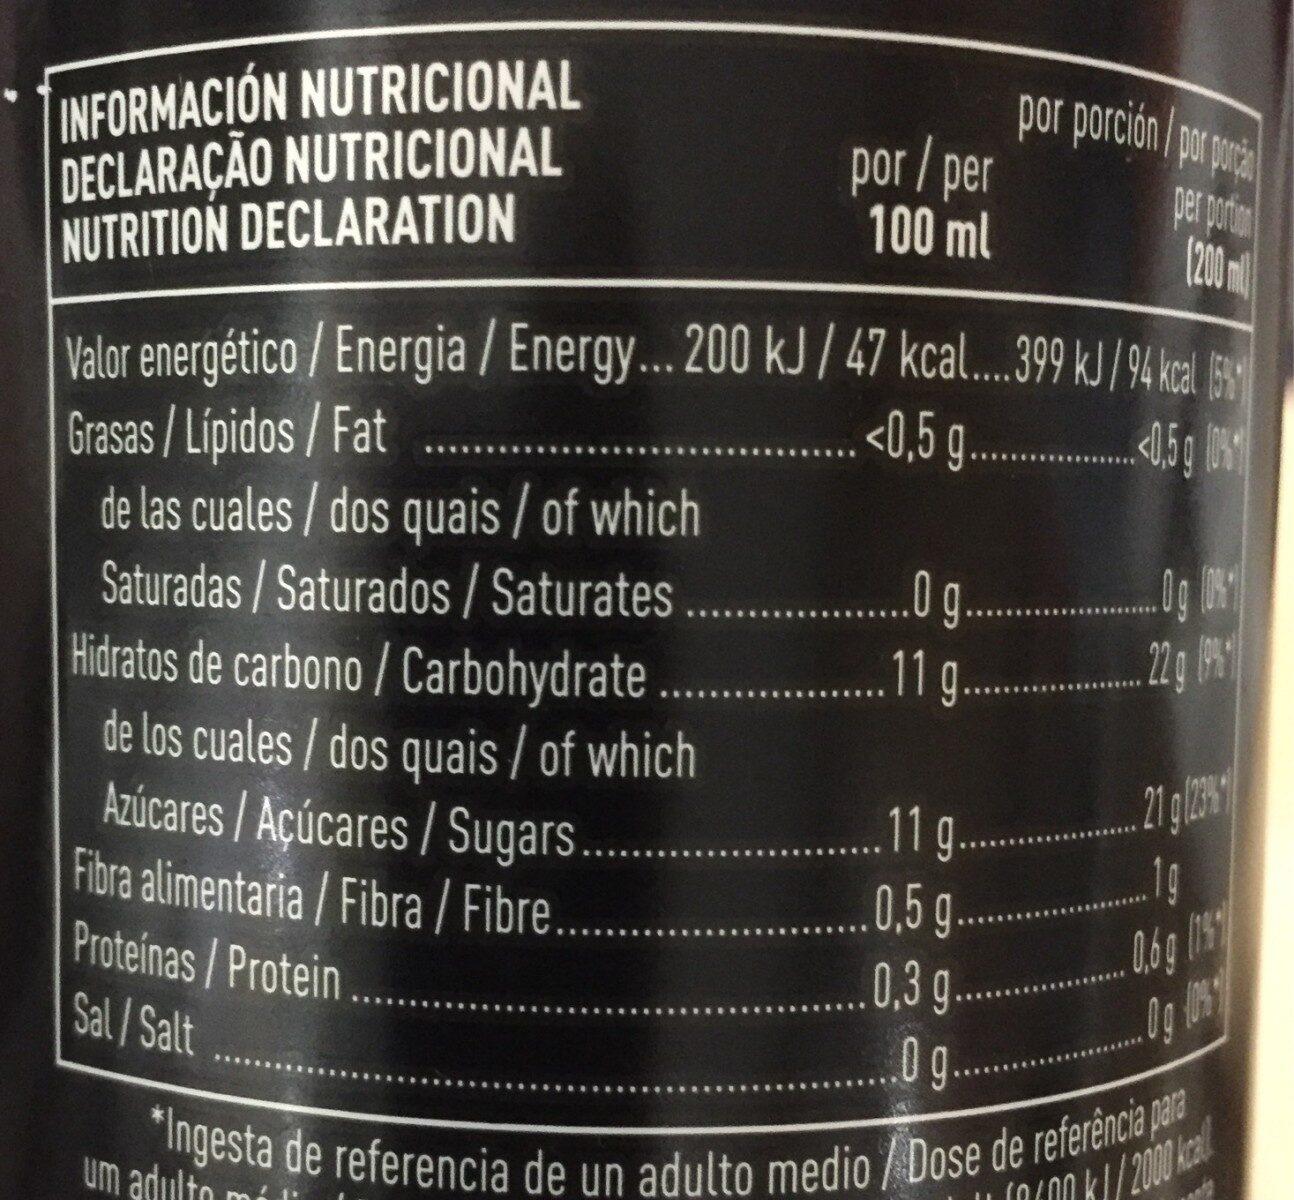 Tropical con kale - Informations nutritionnelles - es